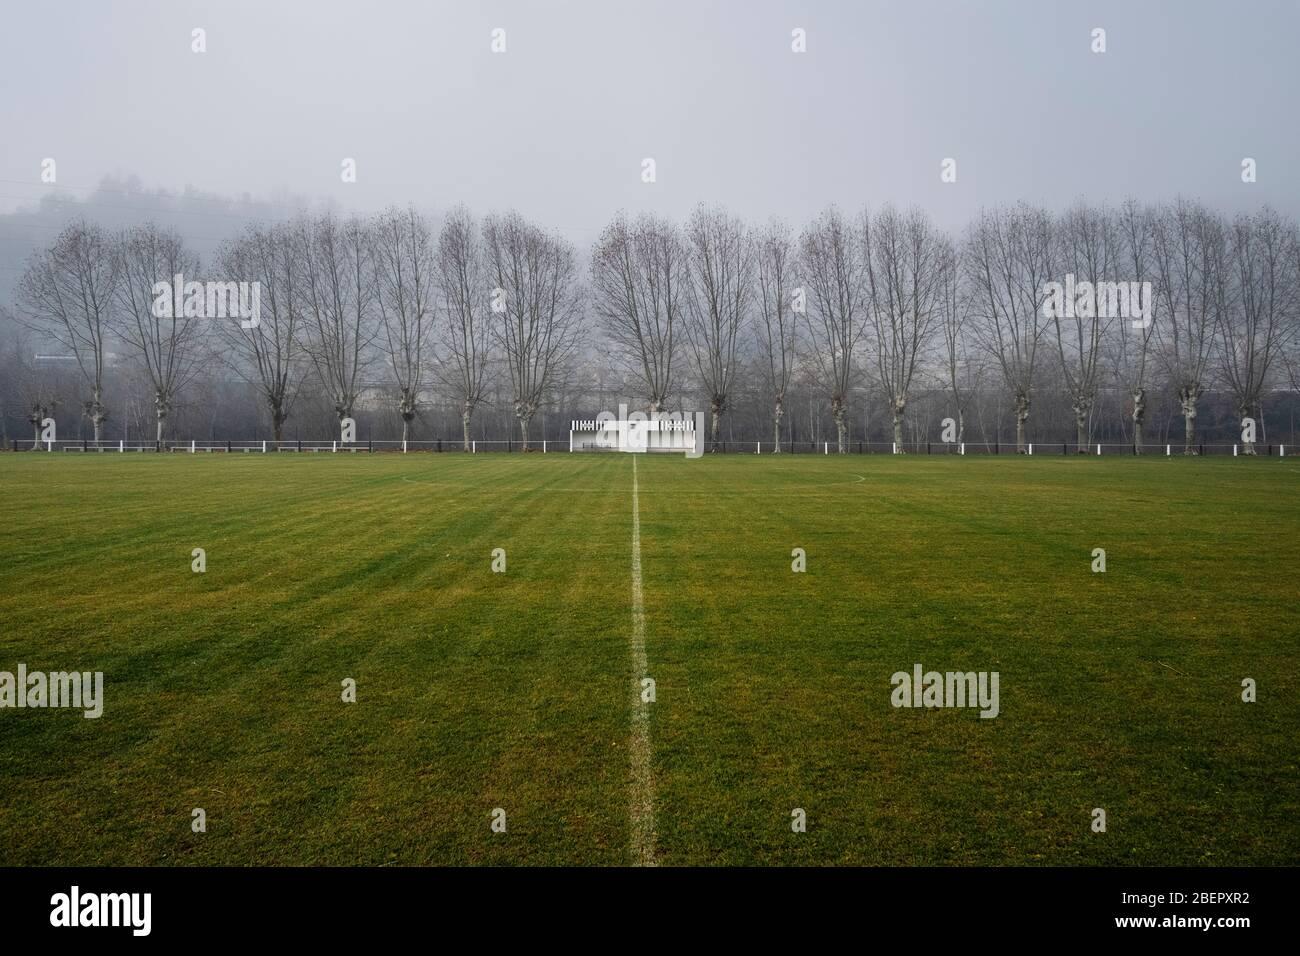 Parque de juegos de fútbol en Borgonyà, Sant Vicenç de Torelló, Osona, Cataluña (España, Europa) Foto de stock